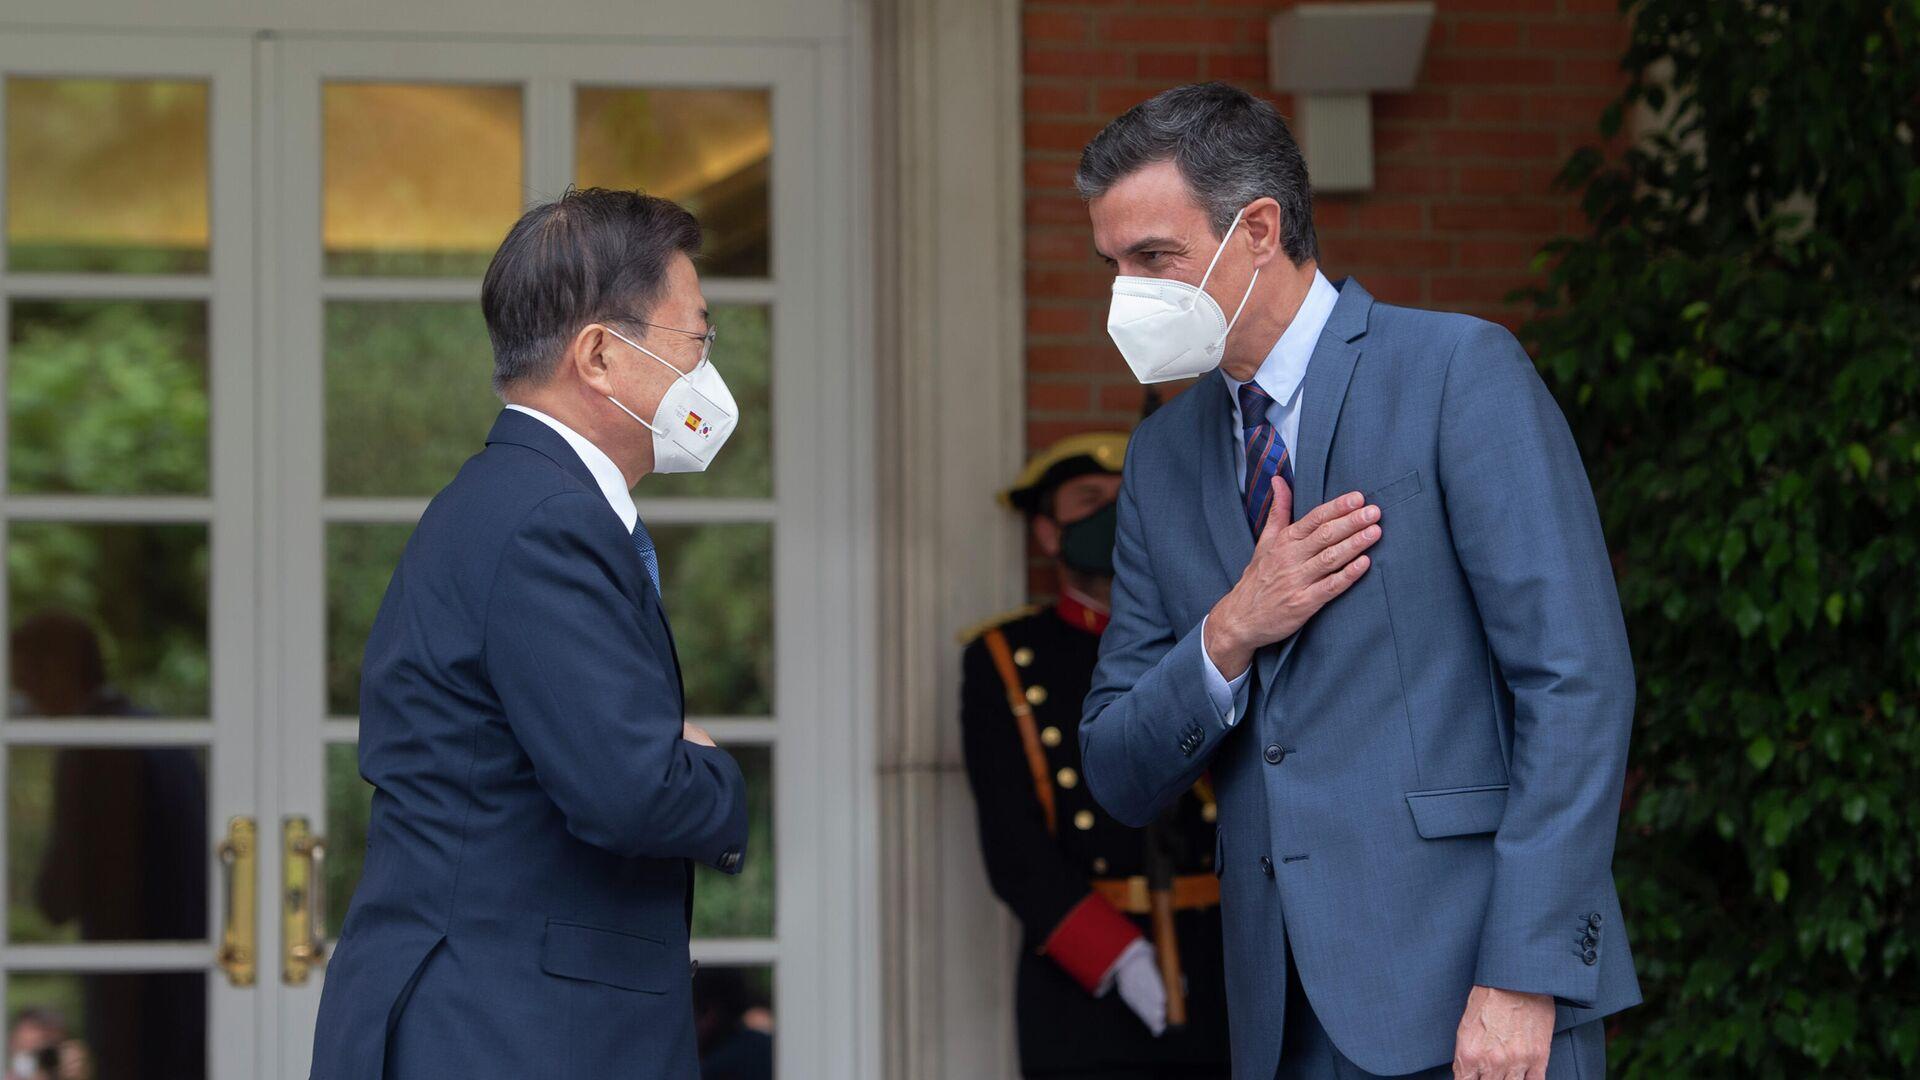 El presidente del Gobierno, Pedro Sánchez (d), recibe al presidente de la República de Corea, Moon Jae-in (i) - Sputnik Mundo, 1920, 16.06.2021